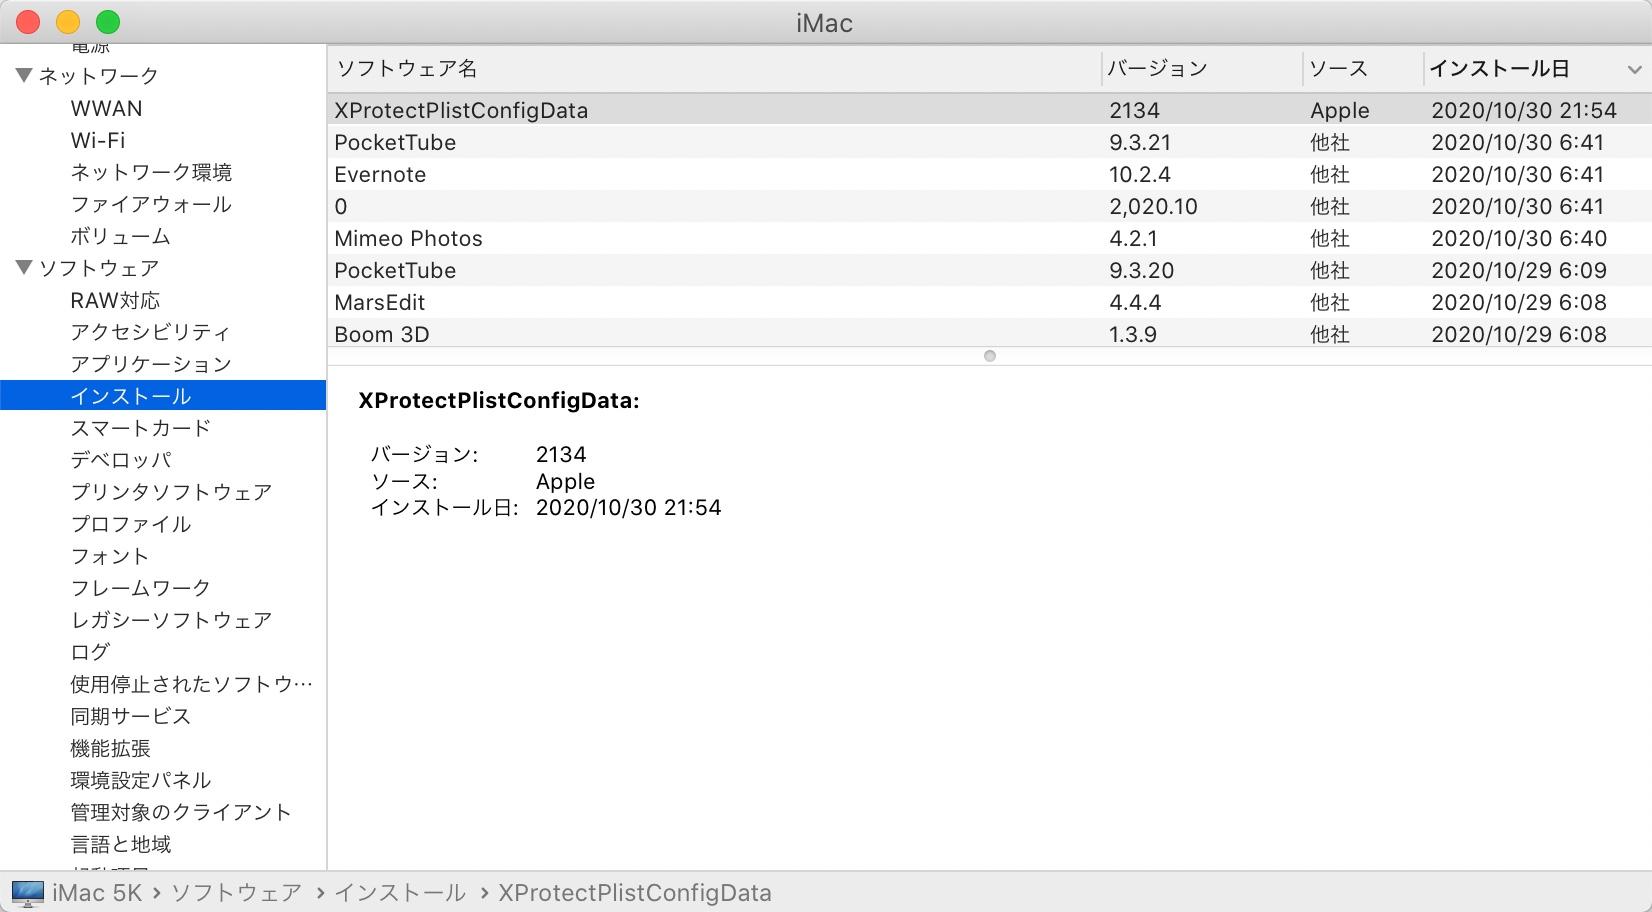 Apple、セキュリティ更新プログラム「XProtect」を 10月29日(現地時間)にサイレントアップデート